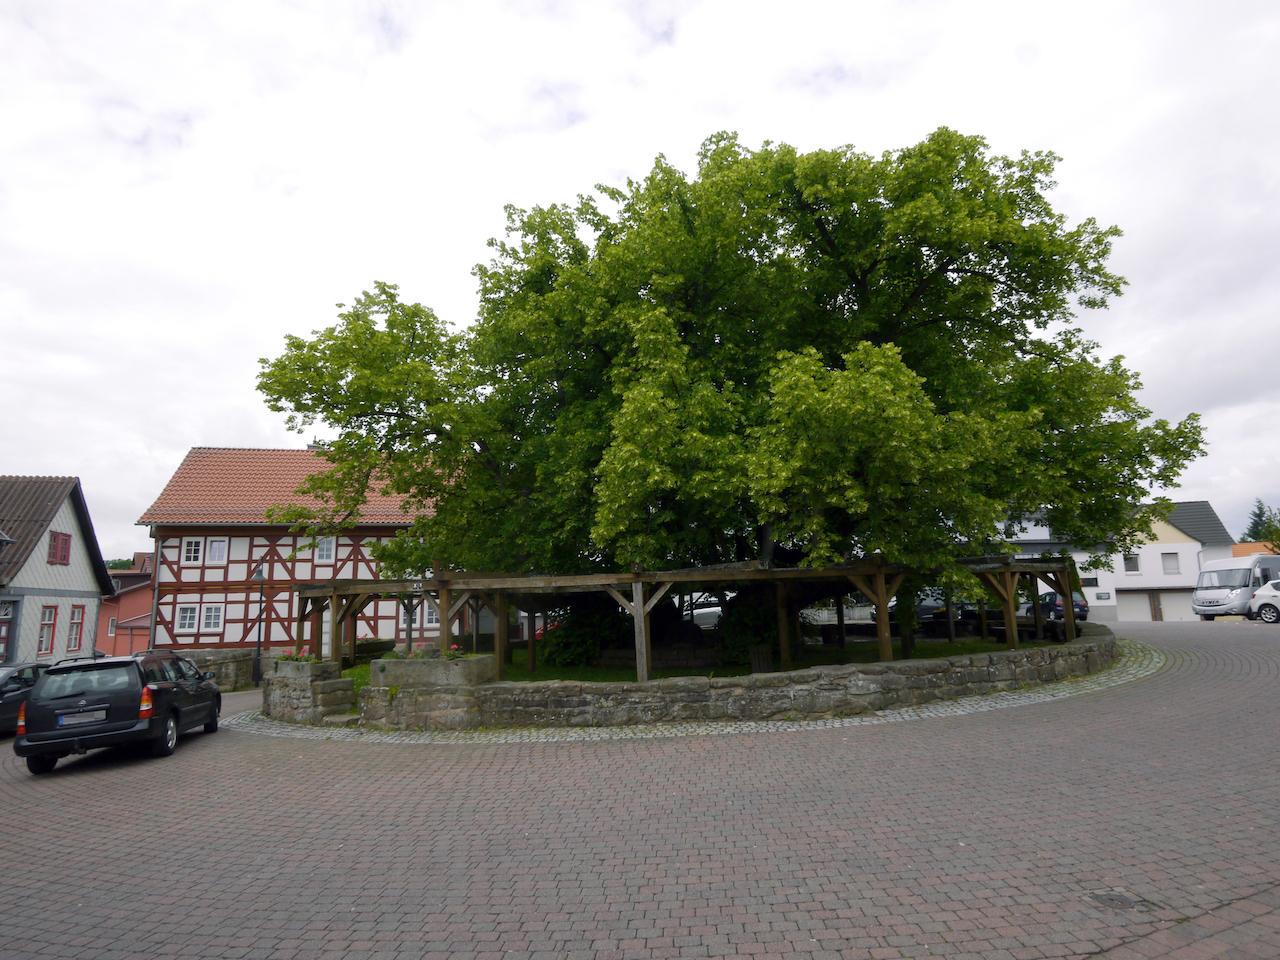 Älterster Baum deutschlands